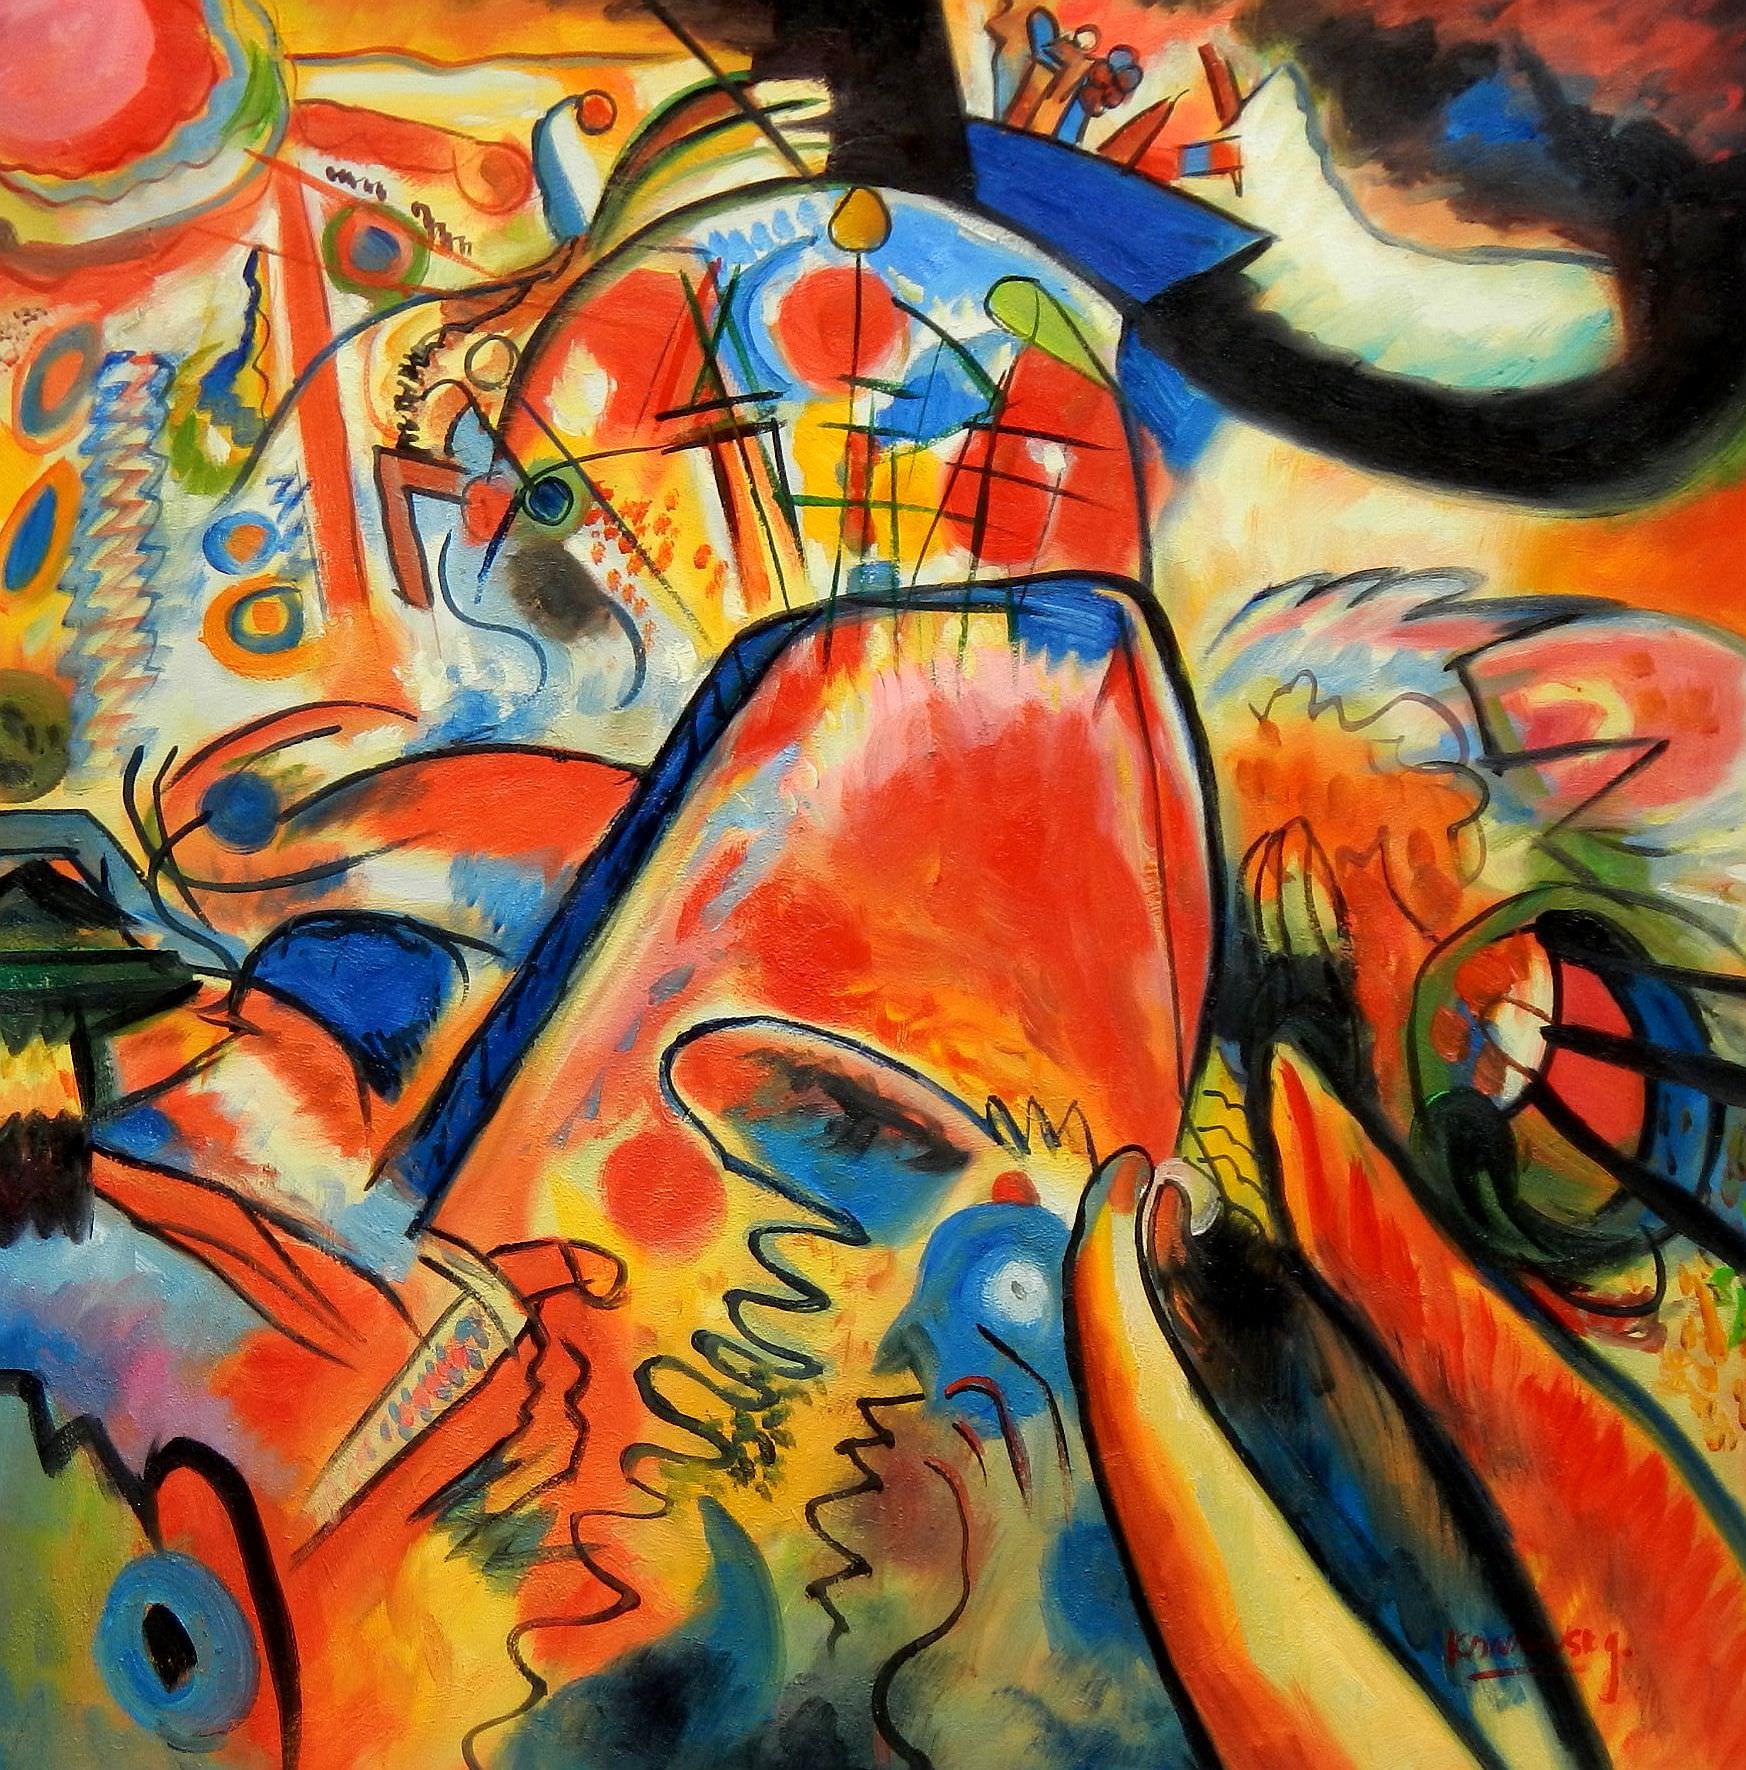 Wassily Kandinsky - Kleine Freuden g95881 80x80cm exquisites Gemälde